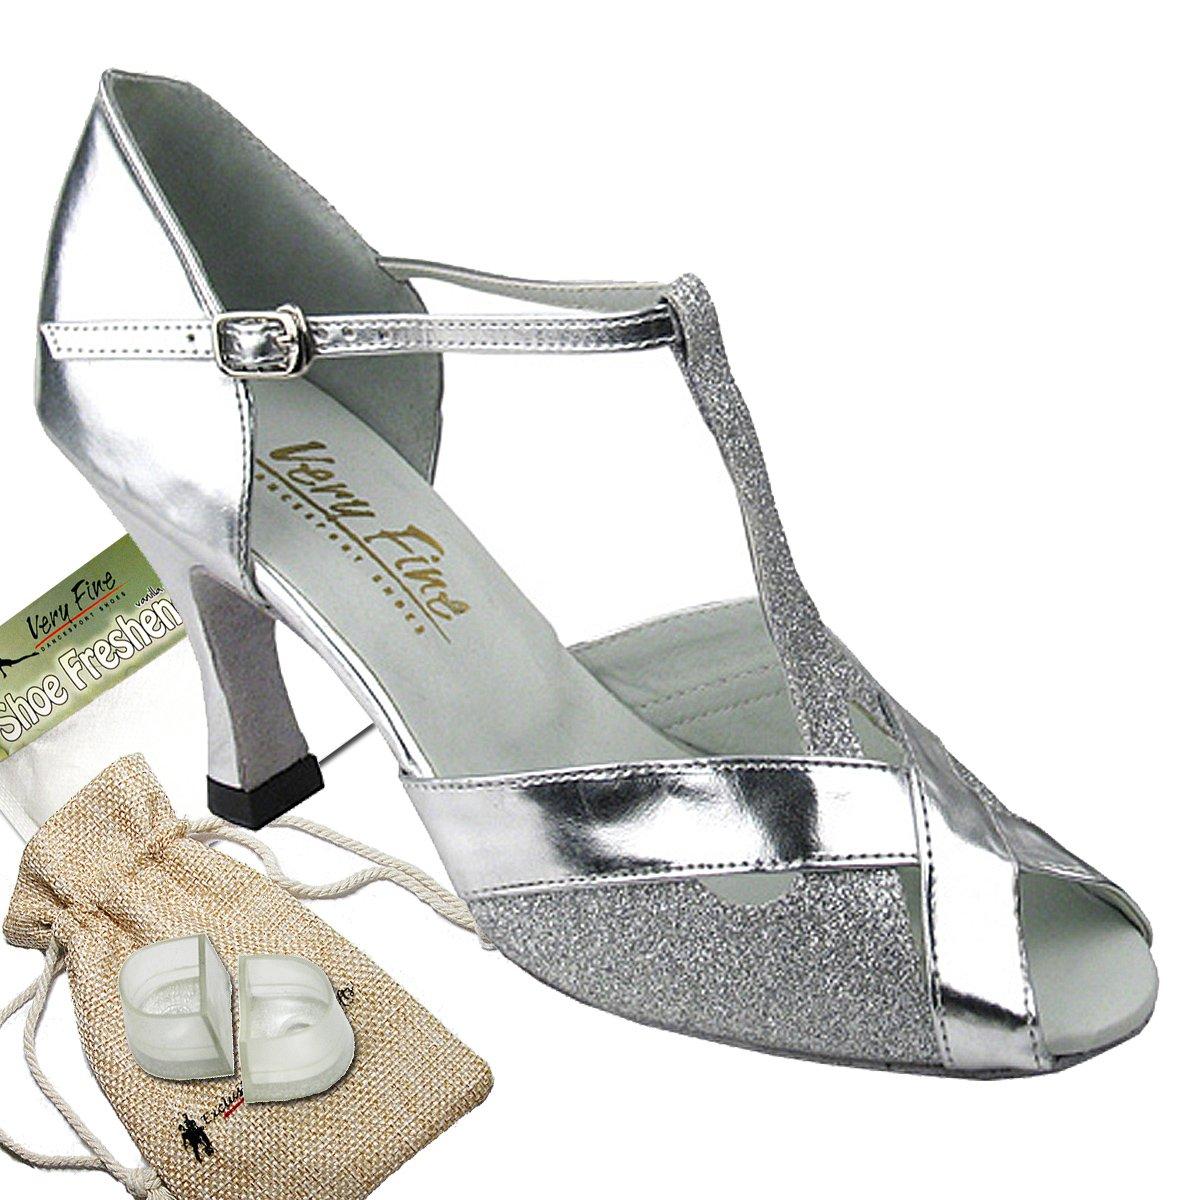 レディース社交ダンスシューズウェディングサルサタンゴ靴2703eb comfortable-very Fine 2.5